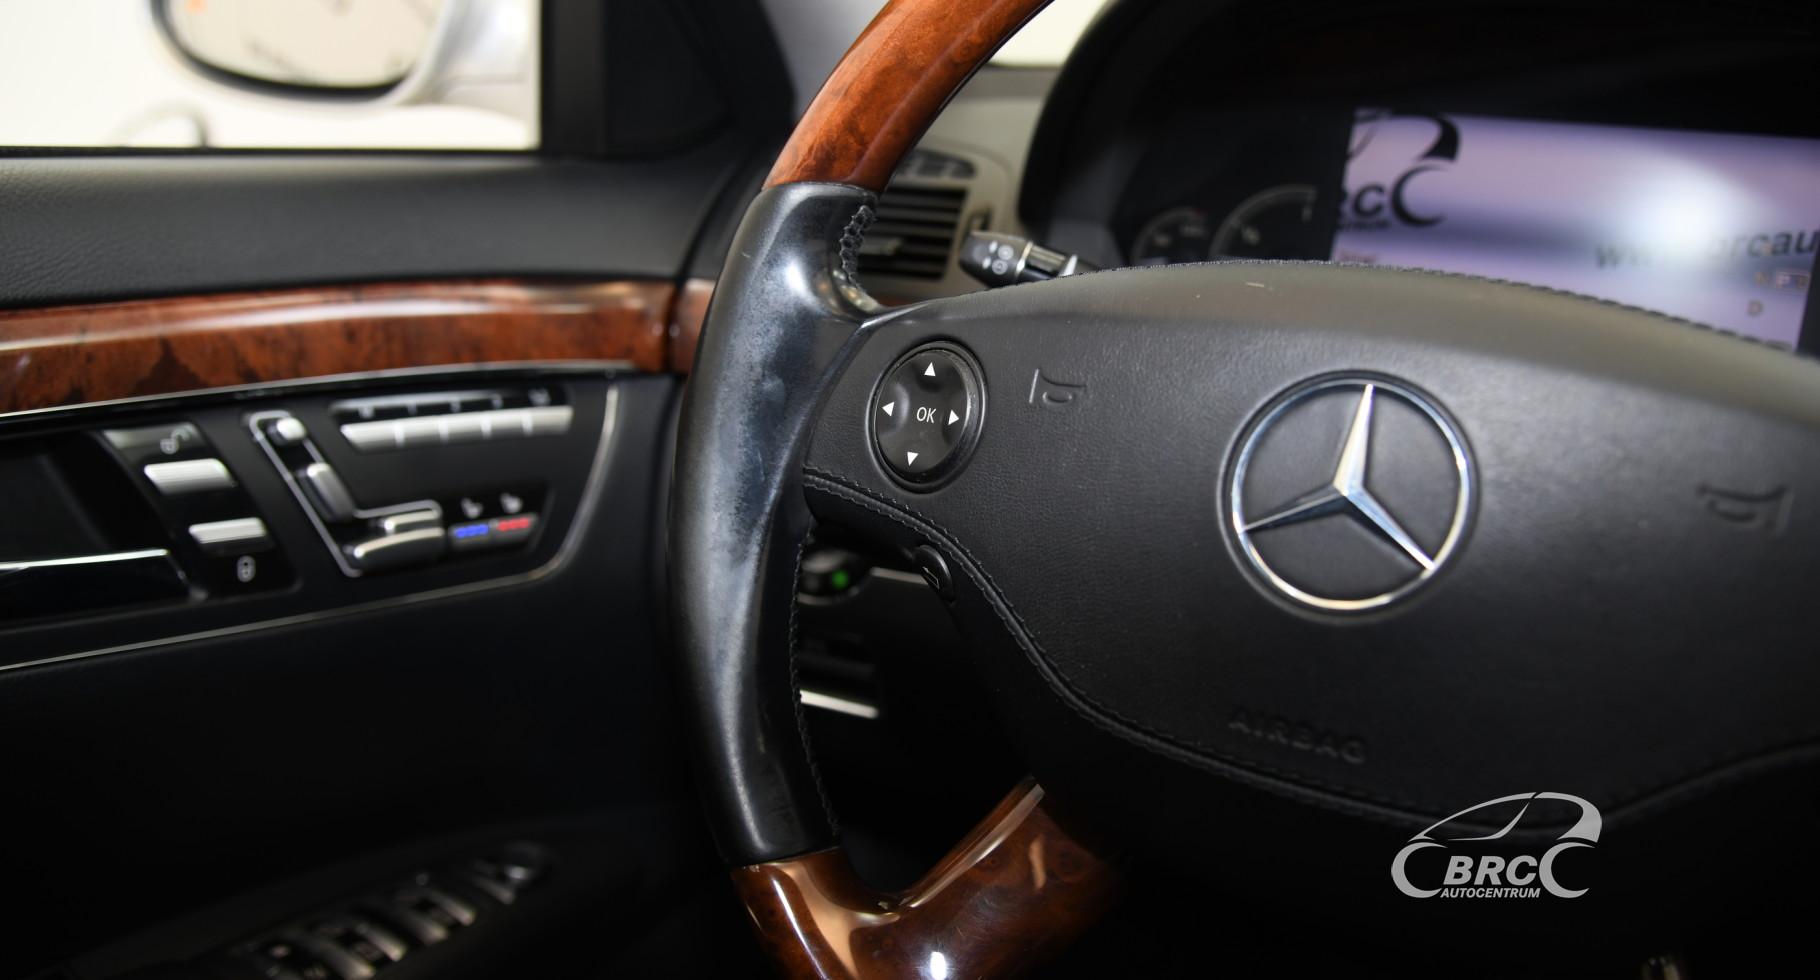 Mercedes-Benz S 320 CDI 4Matic Automatas